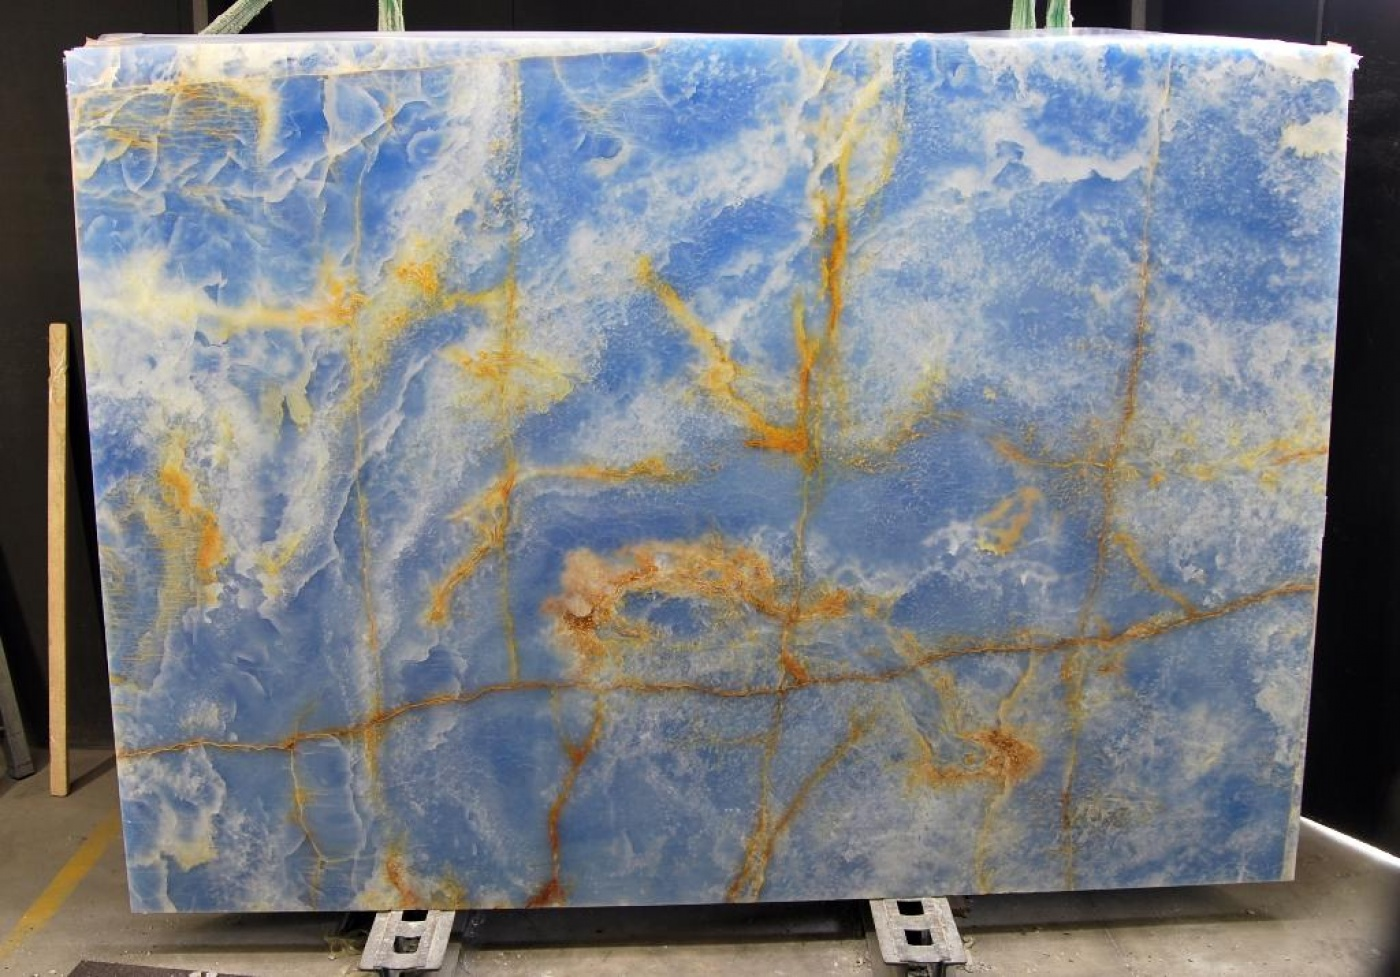 Blue onyx slabs tranche d'onyx bleu